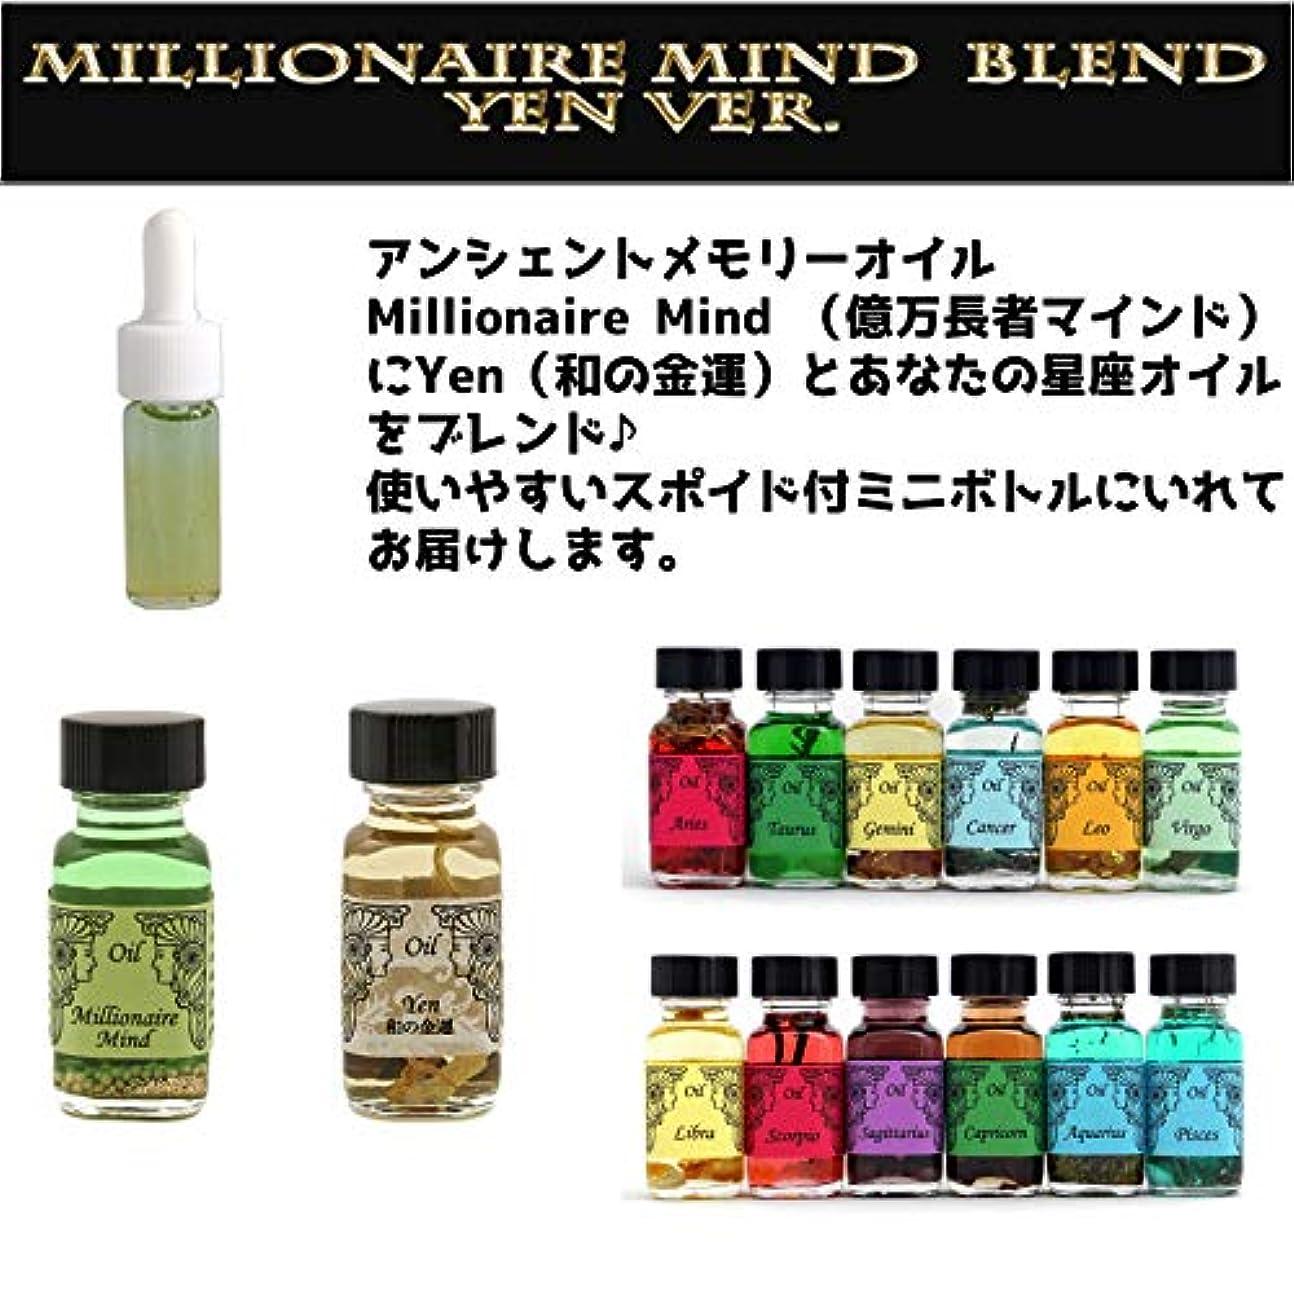 正確ゆるいやりがいのあるアンシェントメモリーオイル Millionaire Mind 億万長者マインド ブレンド【Yen 和の金運&てんびん座】